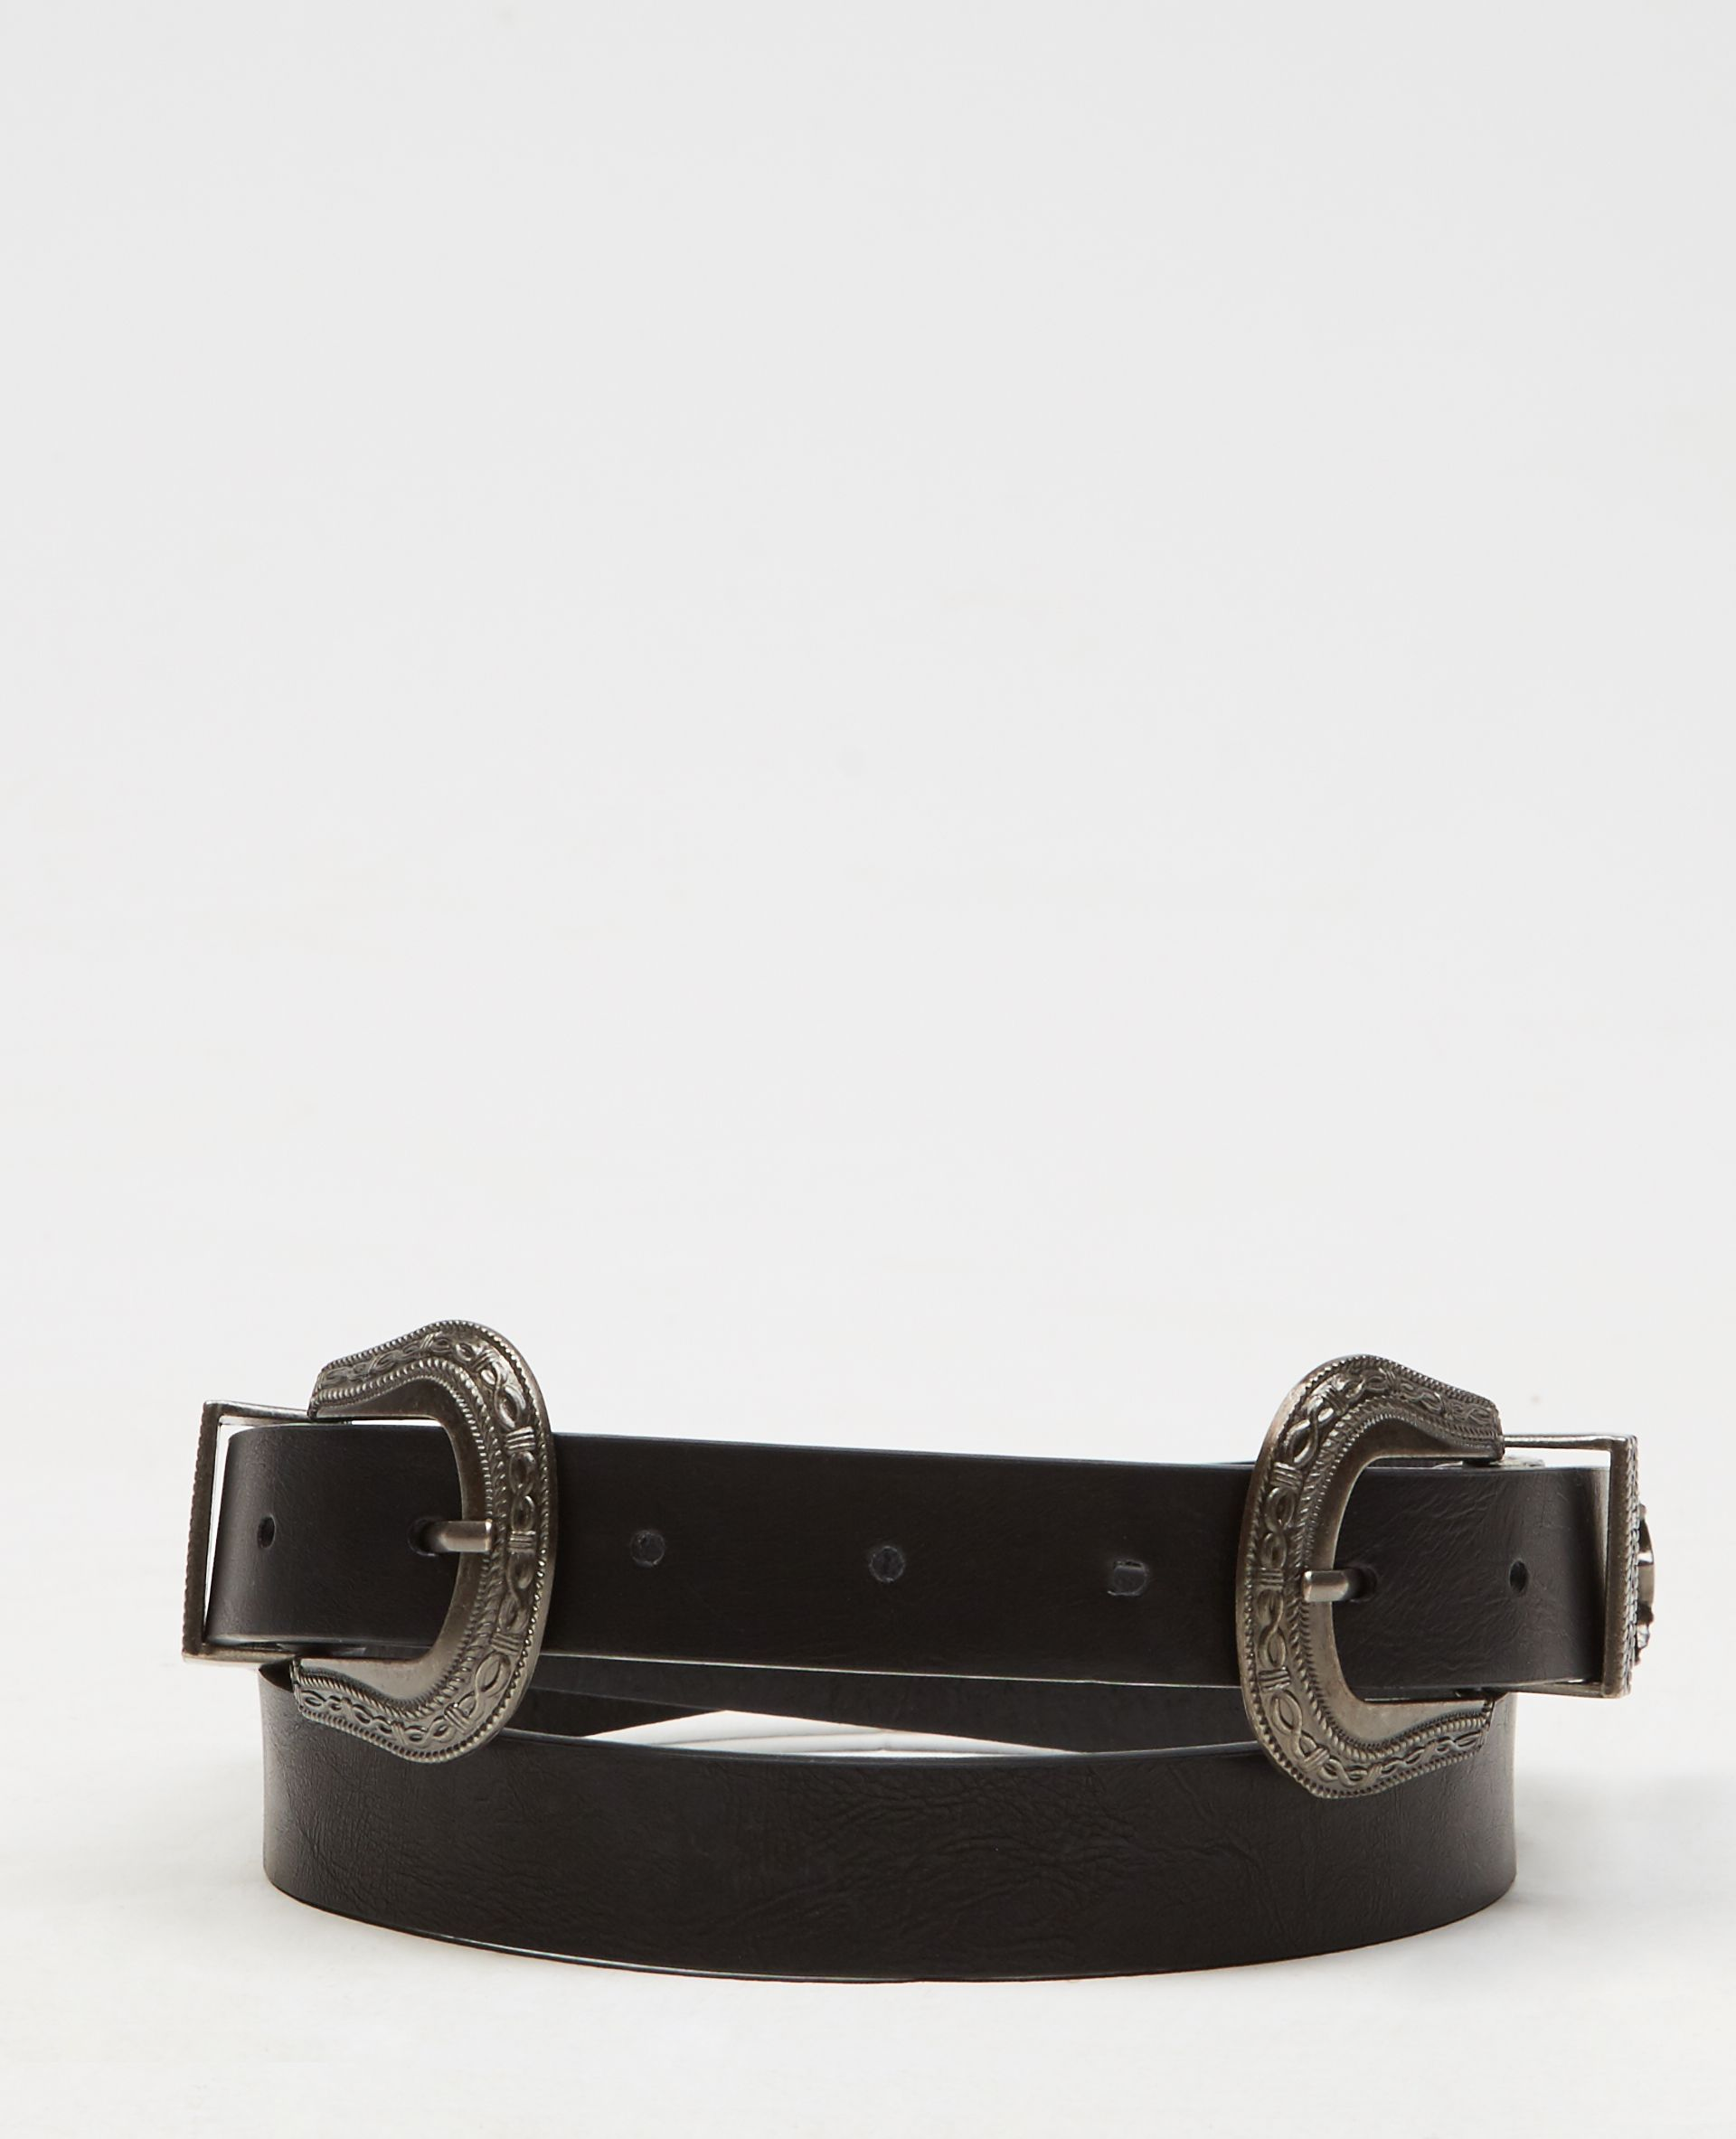 c352183ed3d Ceinture double boucle - Coup de cœur pour la ceinture western à double  boucle